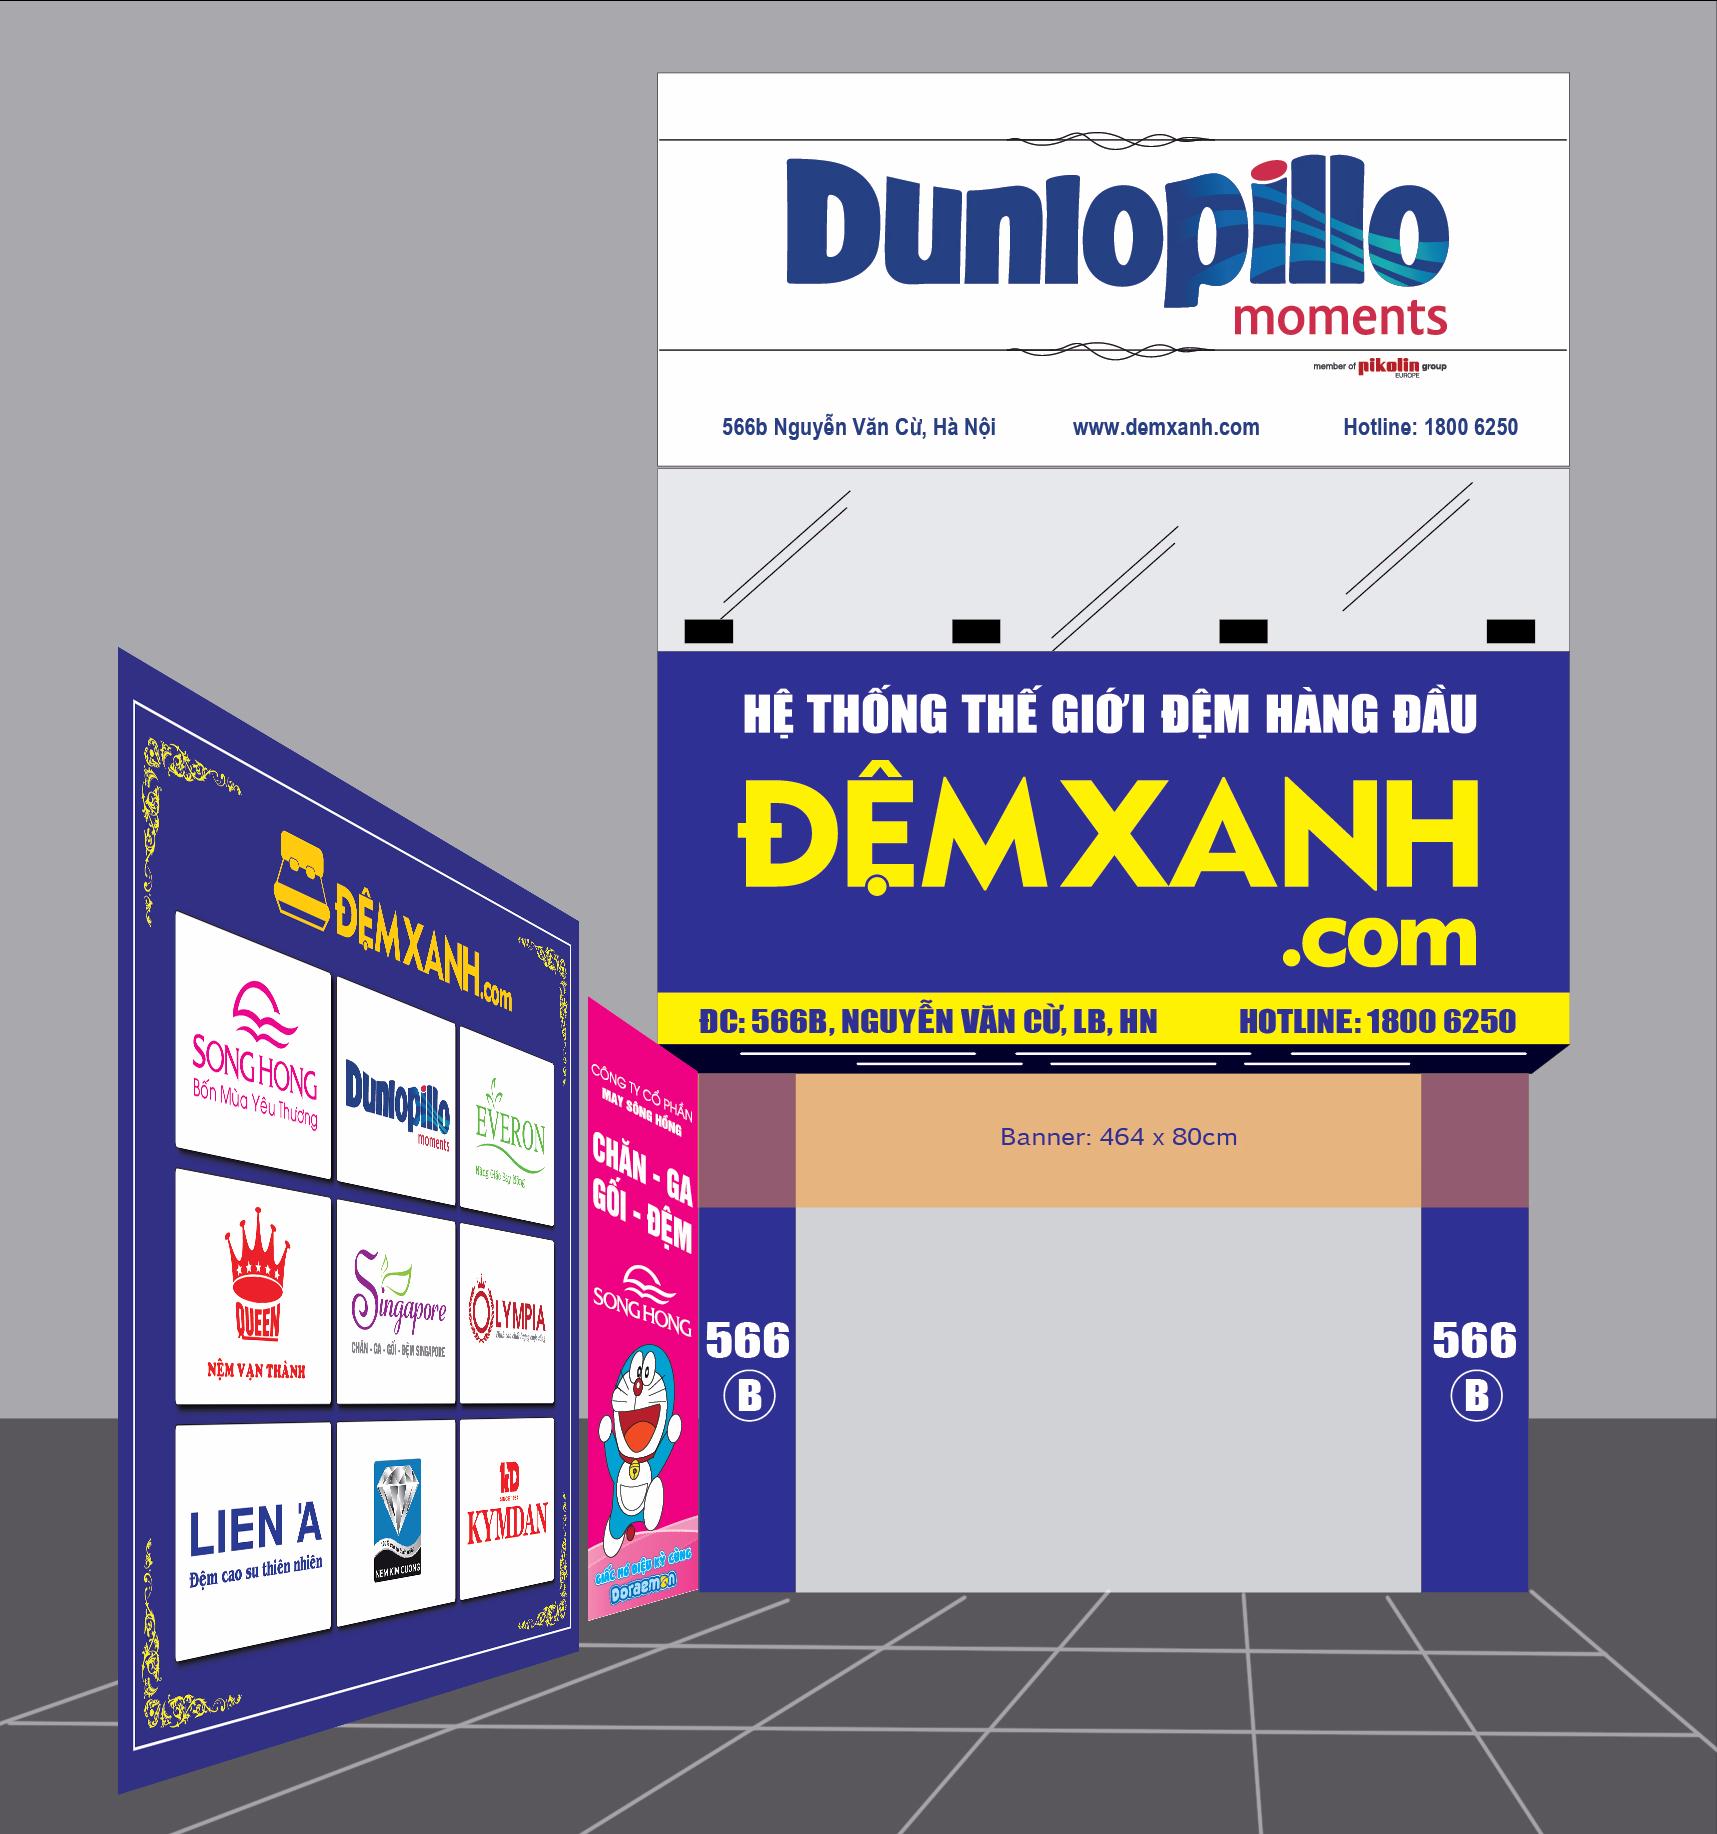 Đệm Xanh đẩy mạnh đào tạo nhân viên bán hàng thông qua training sản phẩm Dunlopillo